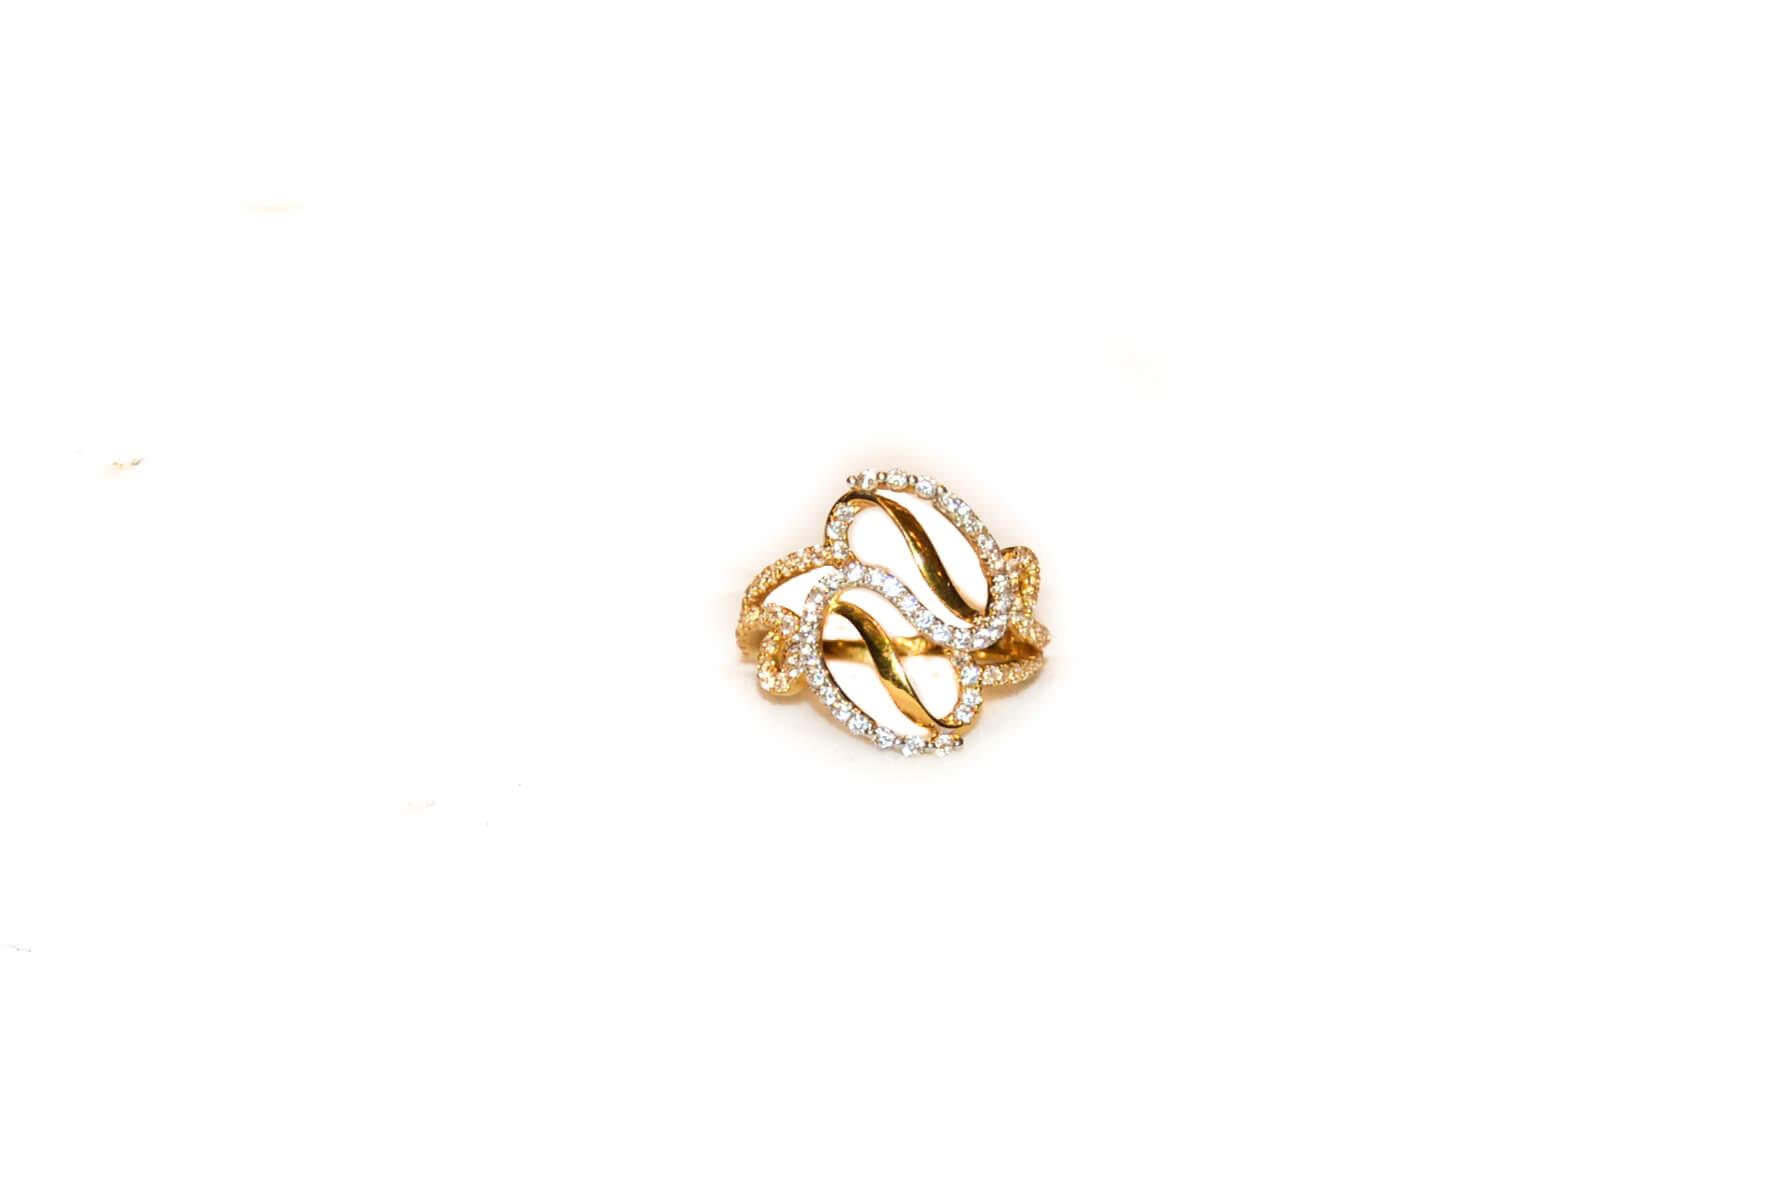 ladiesrings - ladies-ring-003.jpg